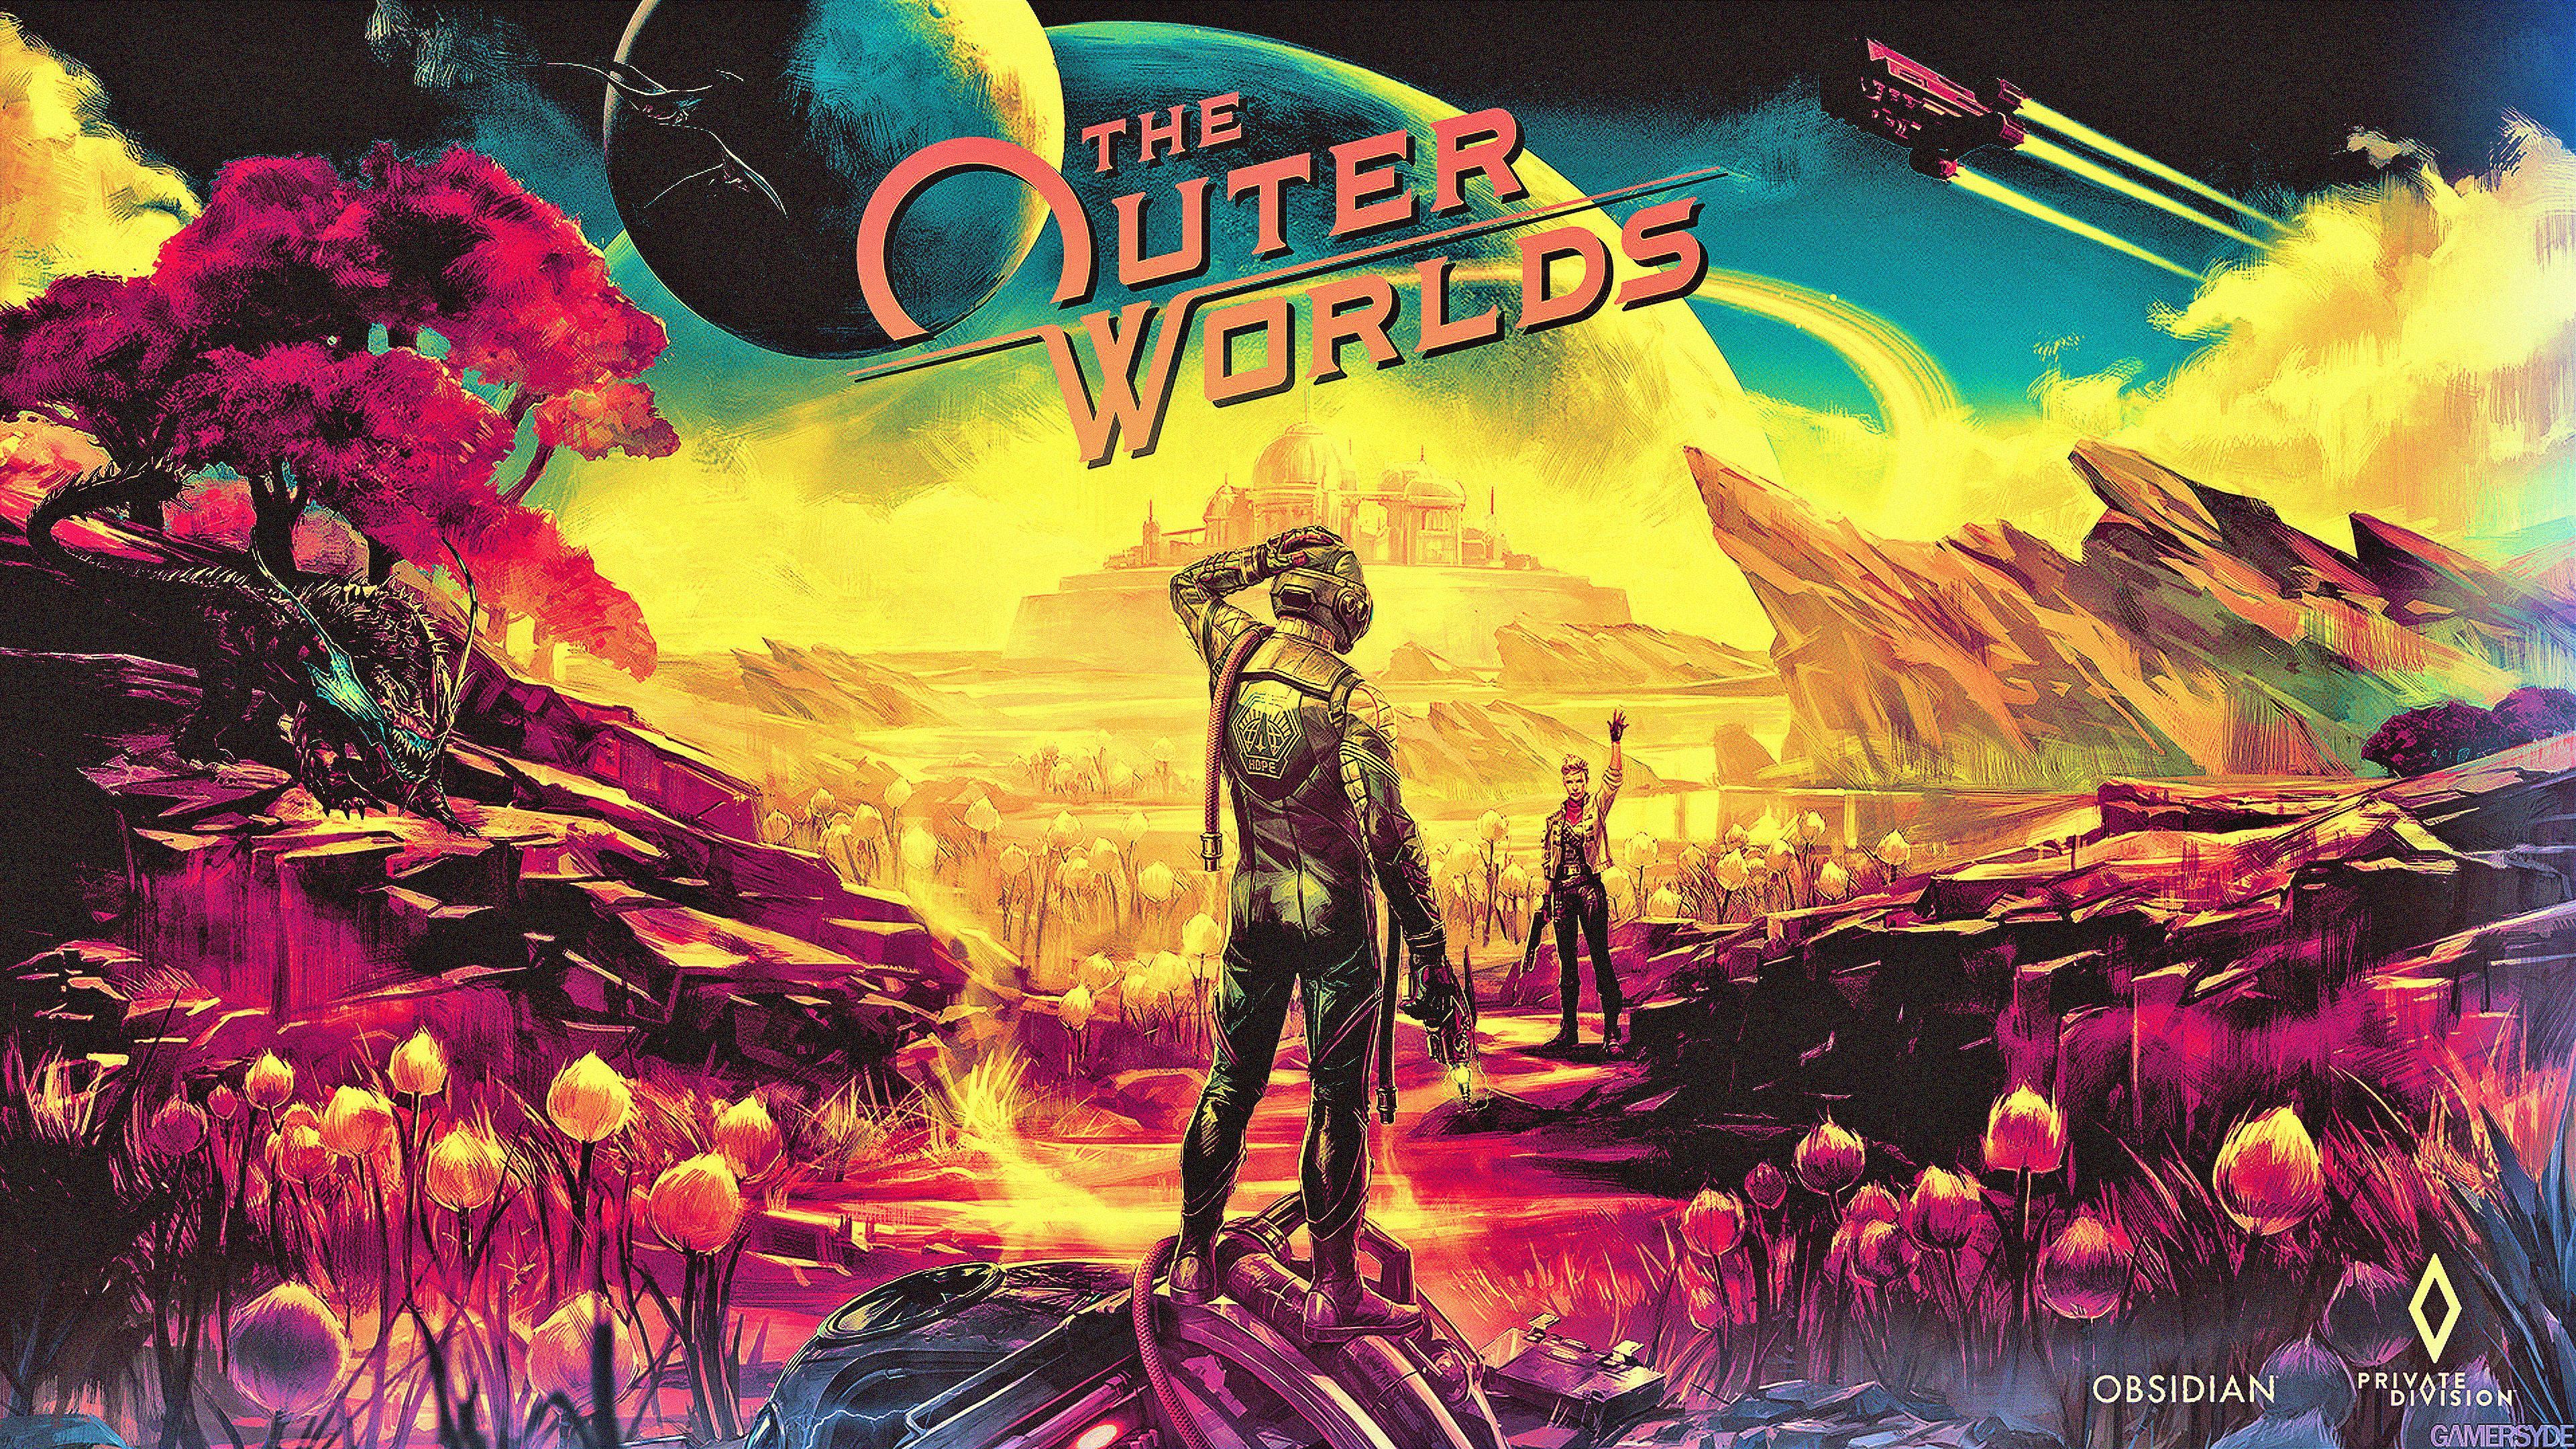 天外世界游戏图片 高清壁纸 游戏壁纸-第1张